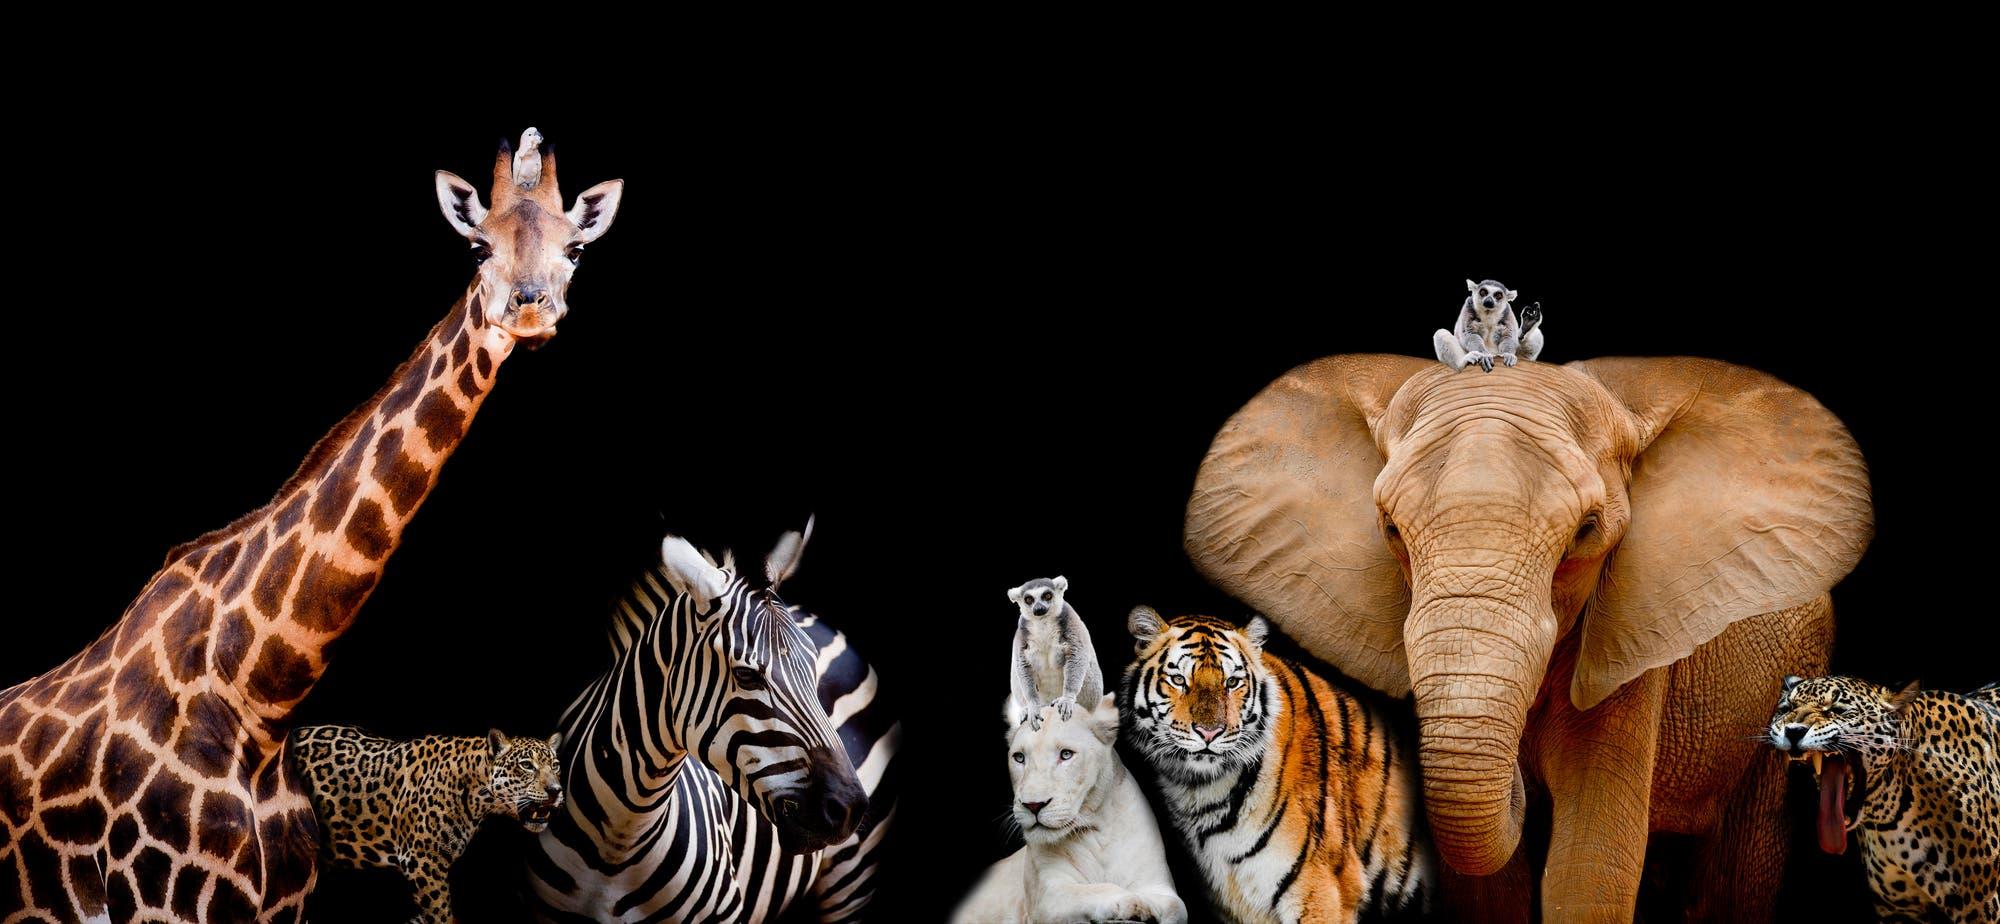 Afrikanische Megafauna vor schwarzem Hintergrund